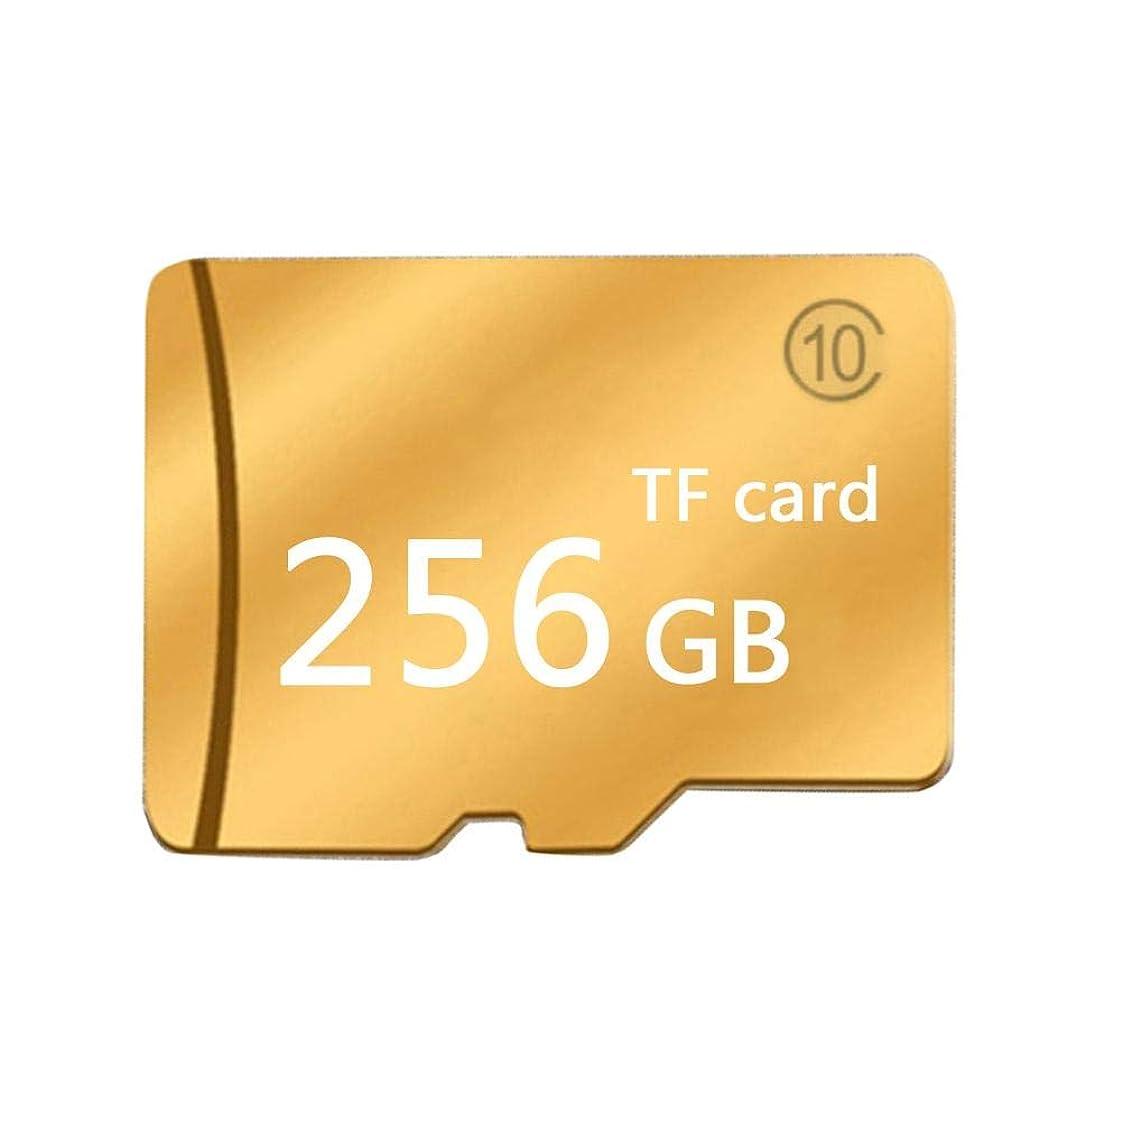 羽以前は支店microSDカード 1GB-512GB カードリーダーとカードホルダー付き 防水 動作確認済 最大読込85MB/s マイクロTFフラッシュカード iOS Android 携帯電話?タブレットPC?パソコン?カメラ 高速カード 金色